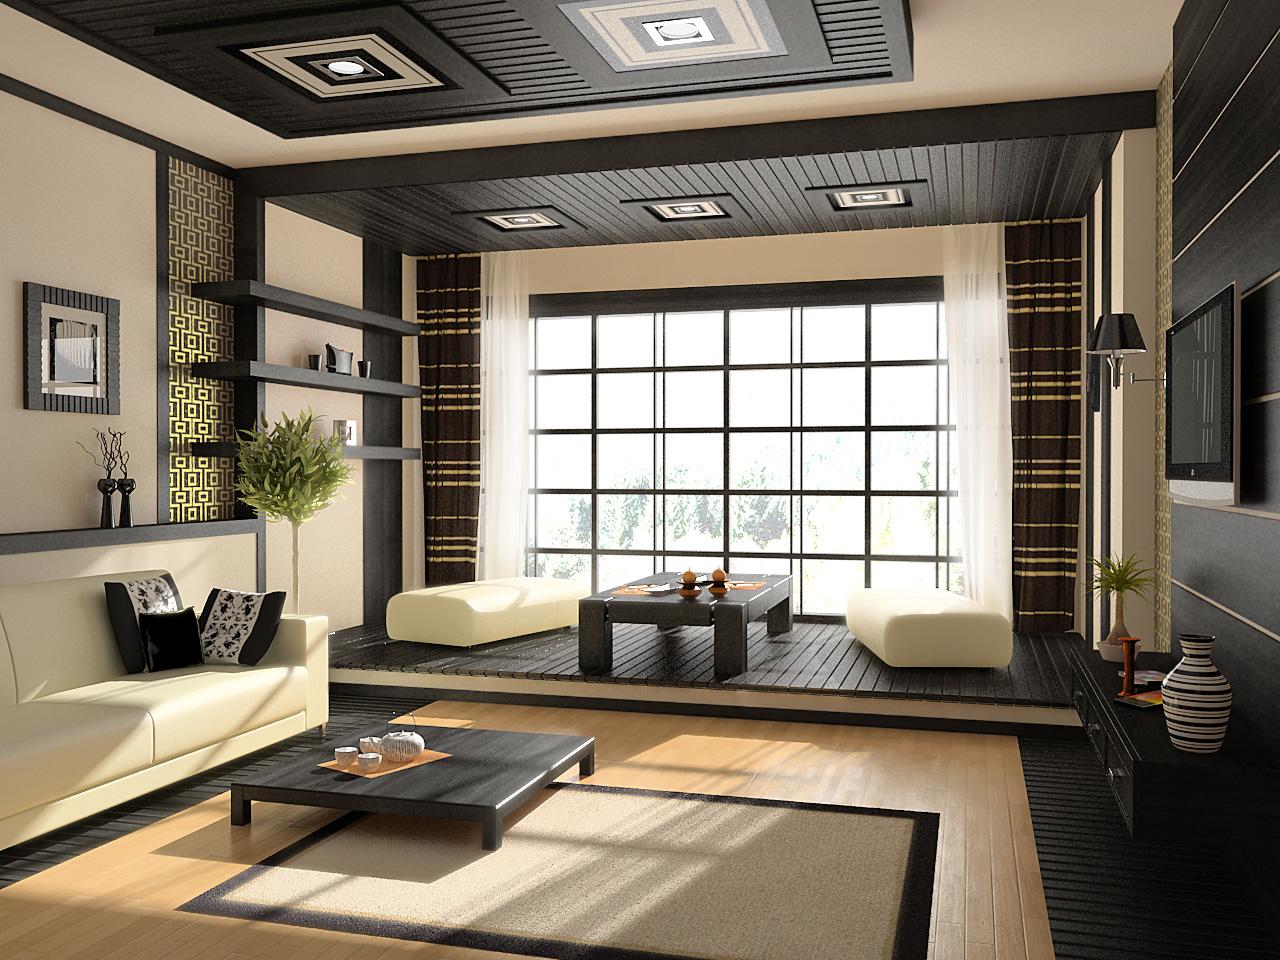 Гостиная в небольшой квартире дизайн фото